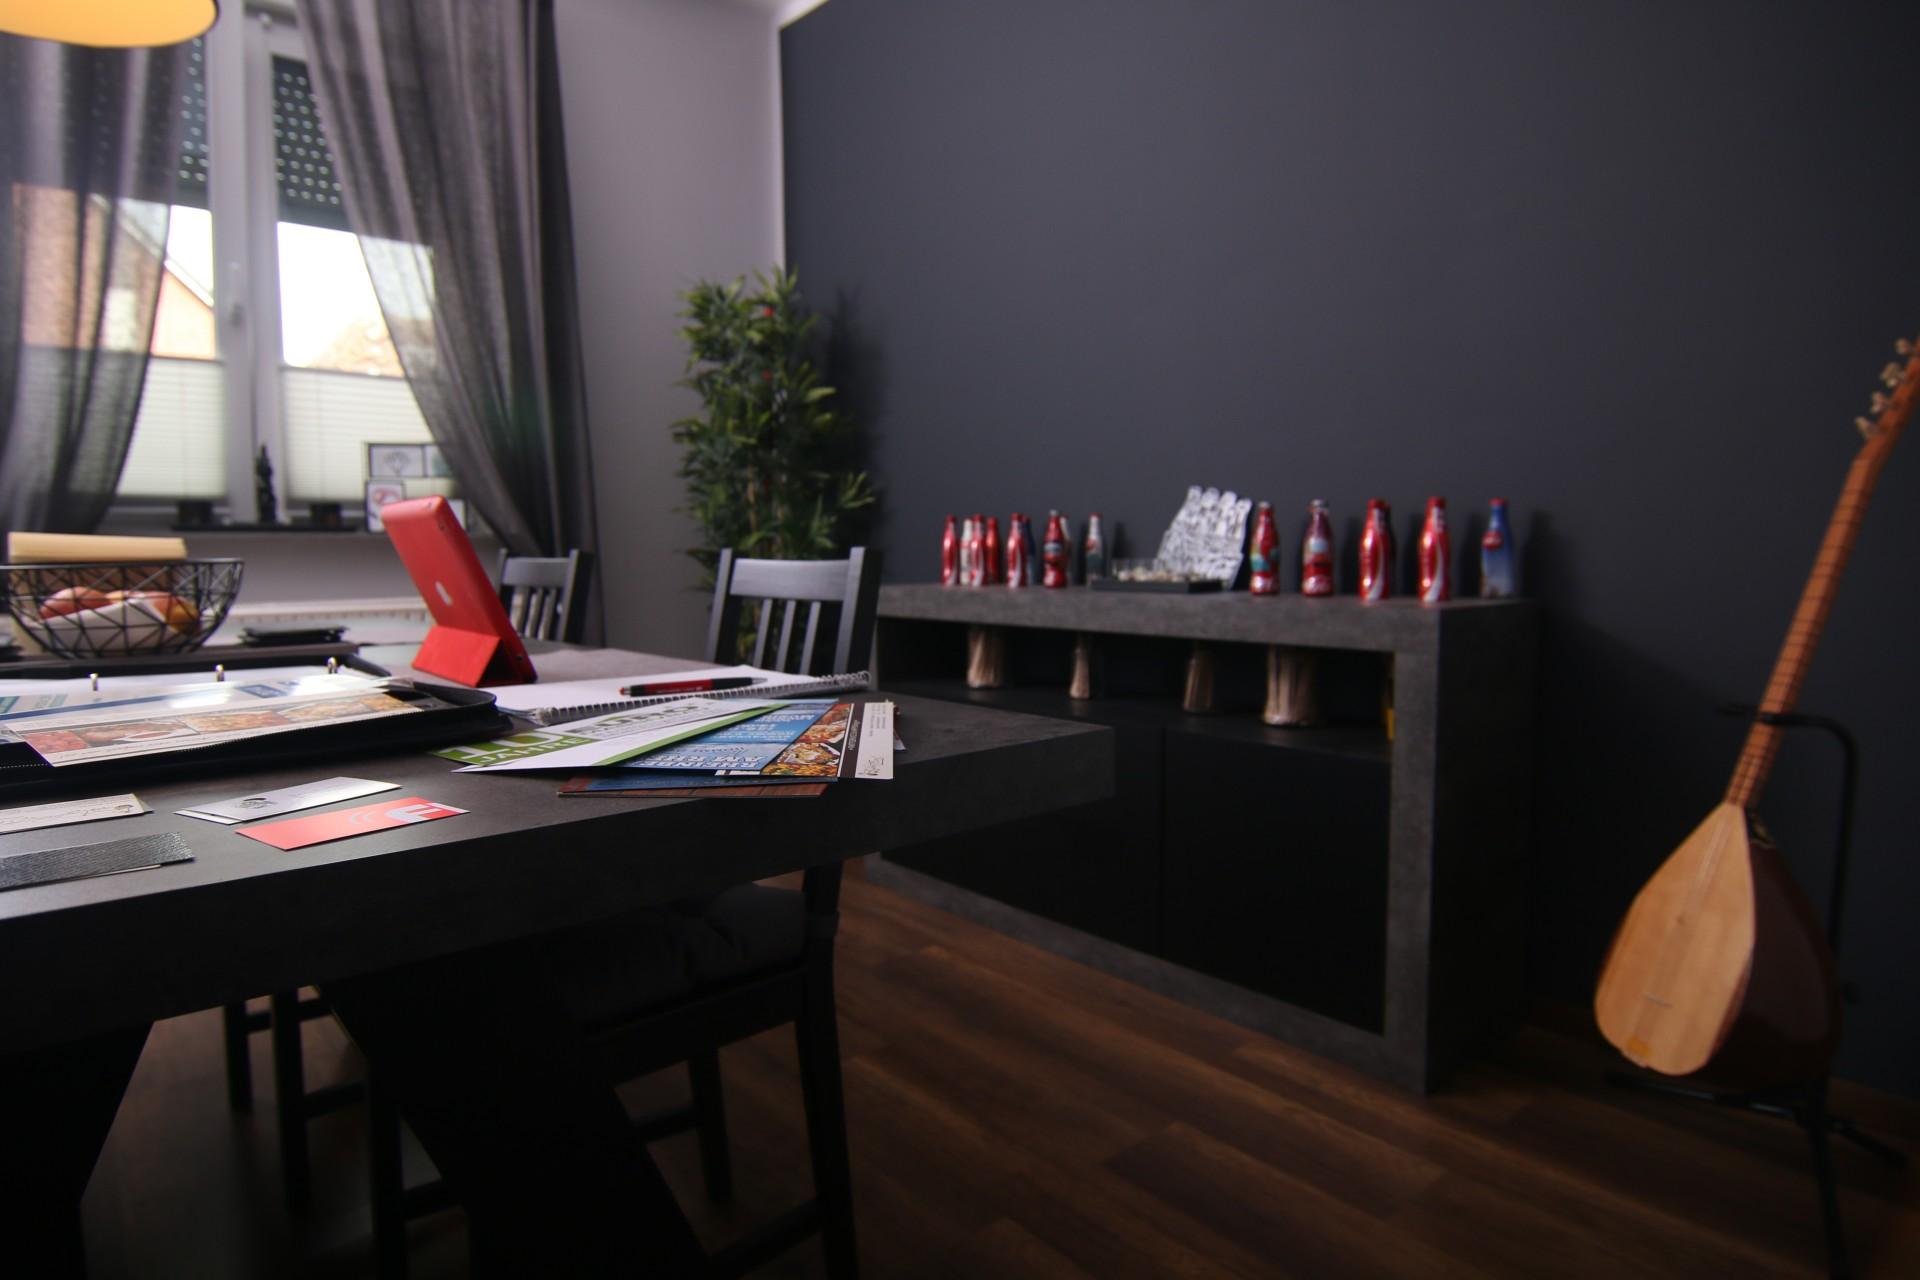 Werbeagentur Hendrich - Design & Fotografie - Agentur